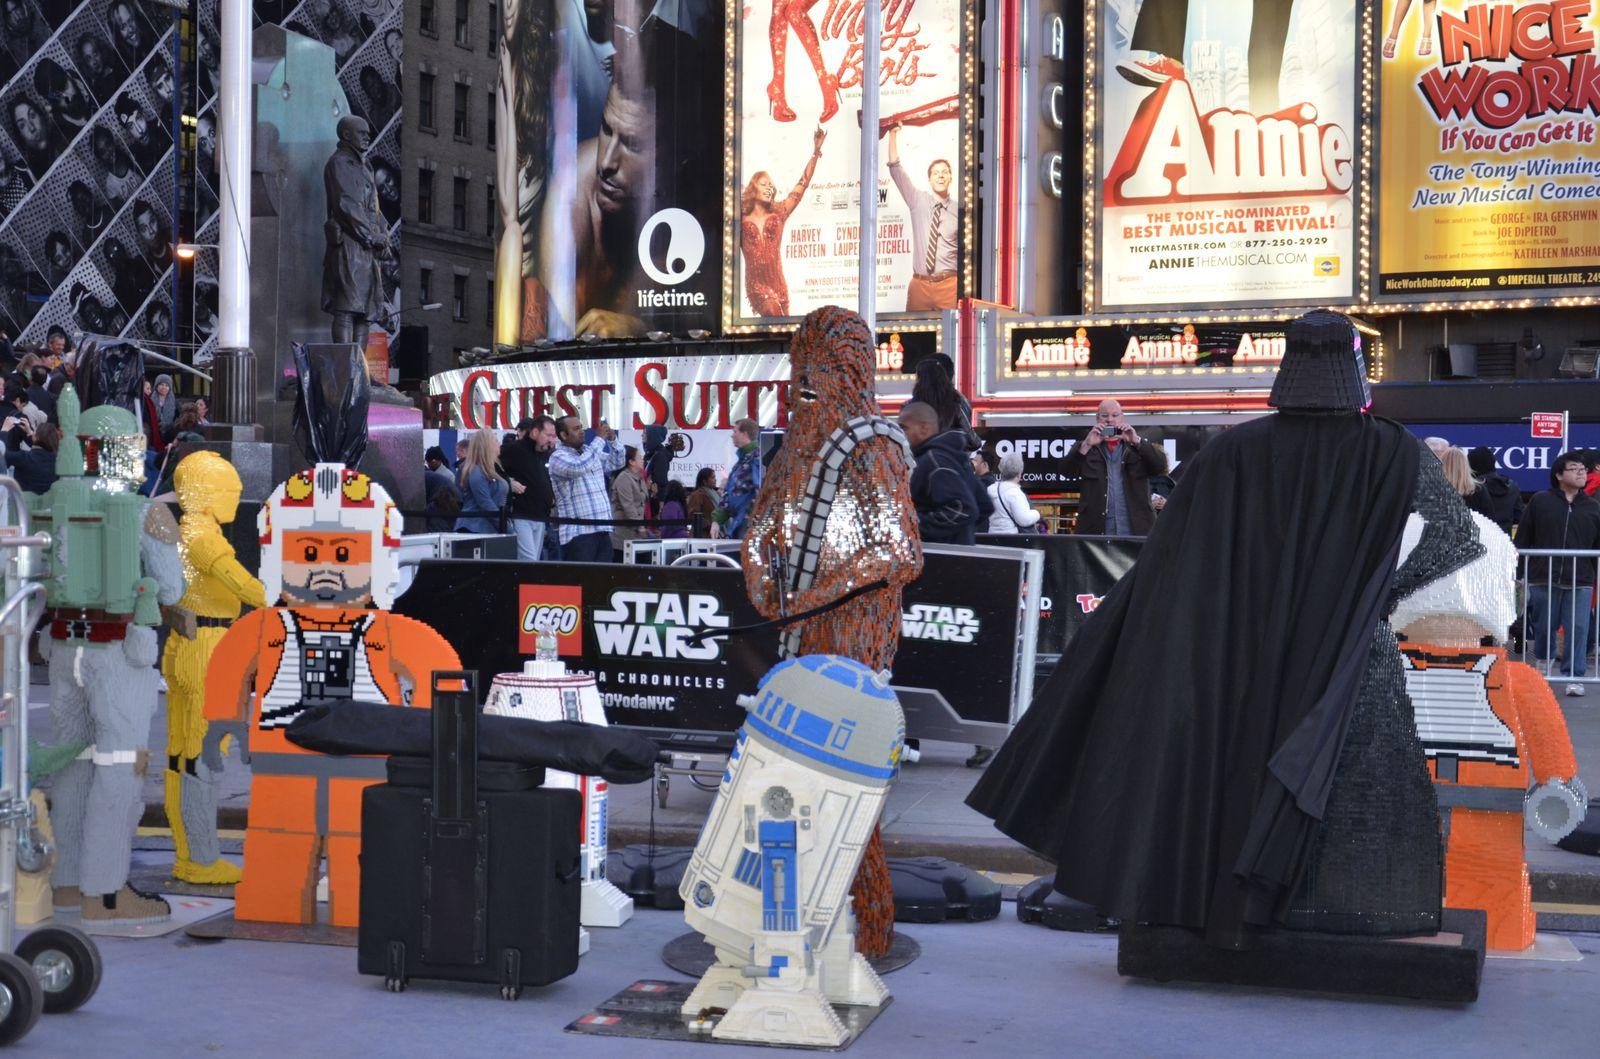 Un vaisseau Star Wars en Lego sur Times Square